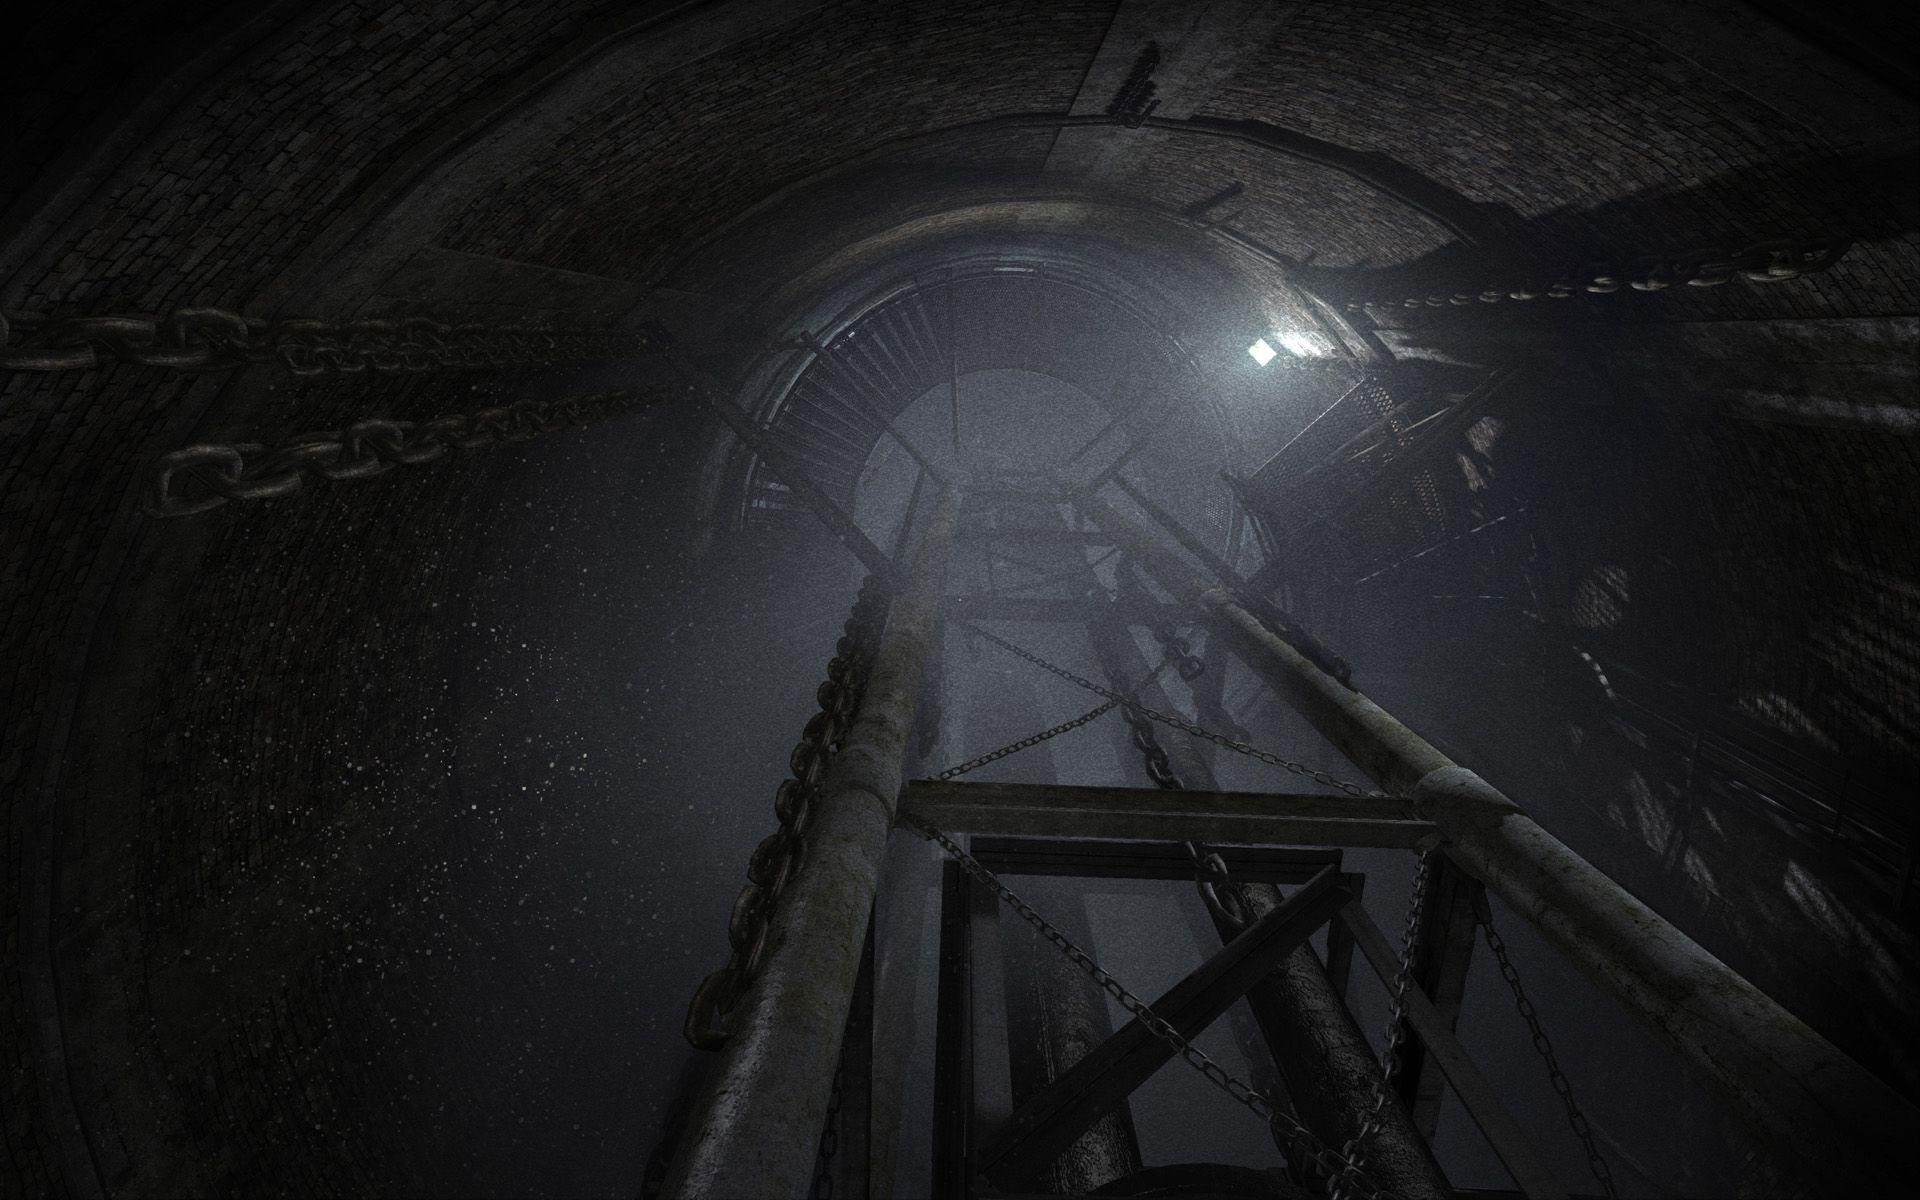 El DLC de Outlast llegará finalmente el 7 de Mayo. Nuevas imágenes y video 4gq5k